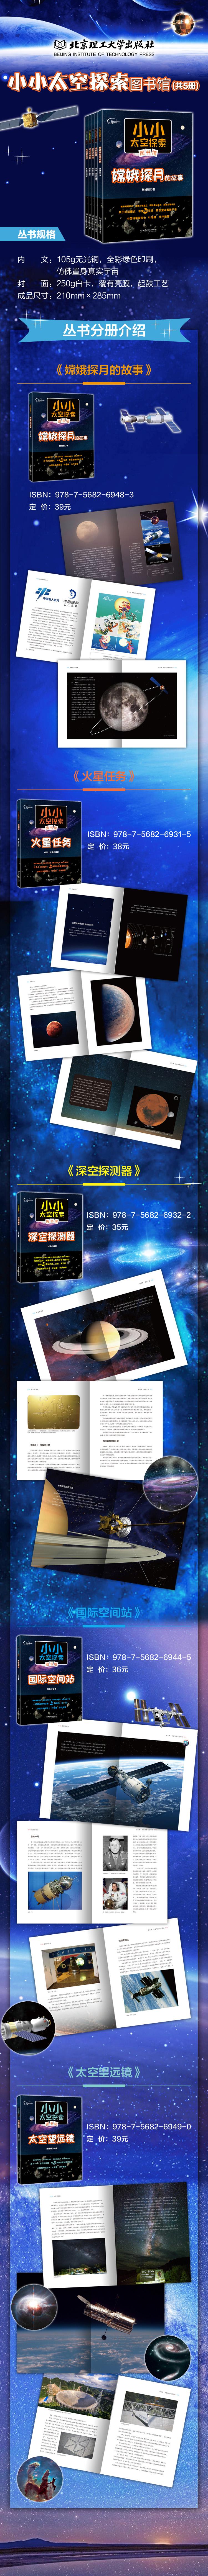 4 小小太空探索图书馆--丛书 详细介绍(750)9-24.jpg